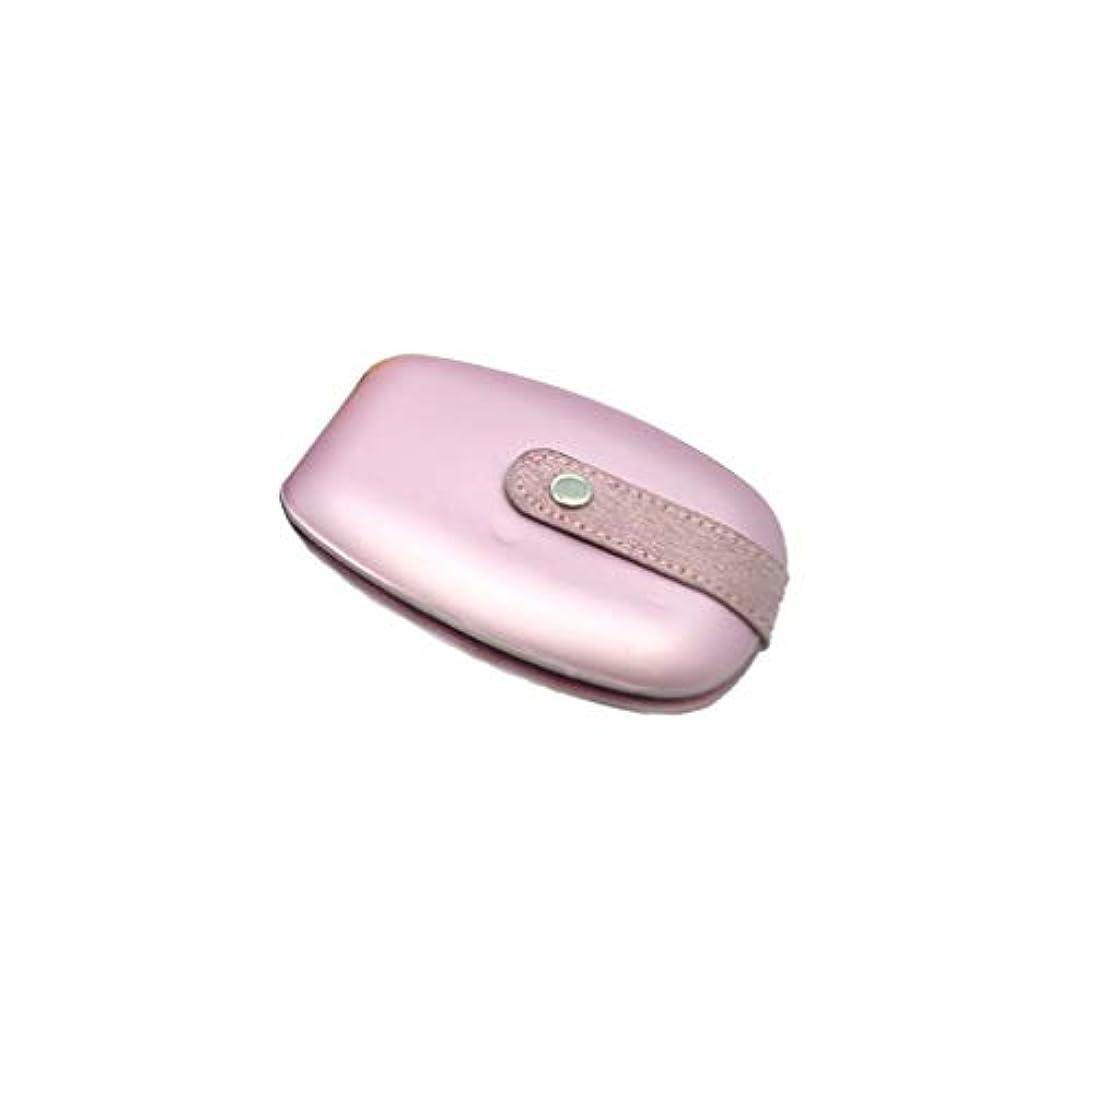 部屋を掃除する書士タールペディキュアマニキュアセットネイルケアはさみ旅行セットネイルツール (Color : C)